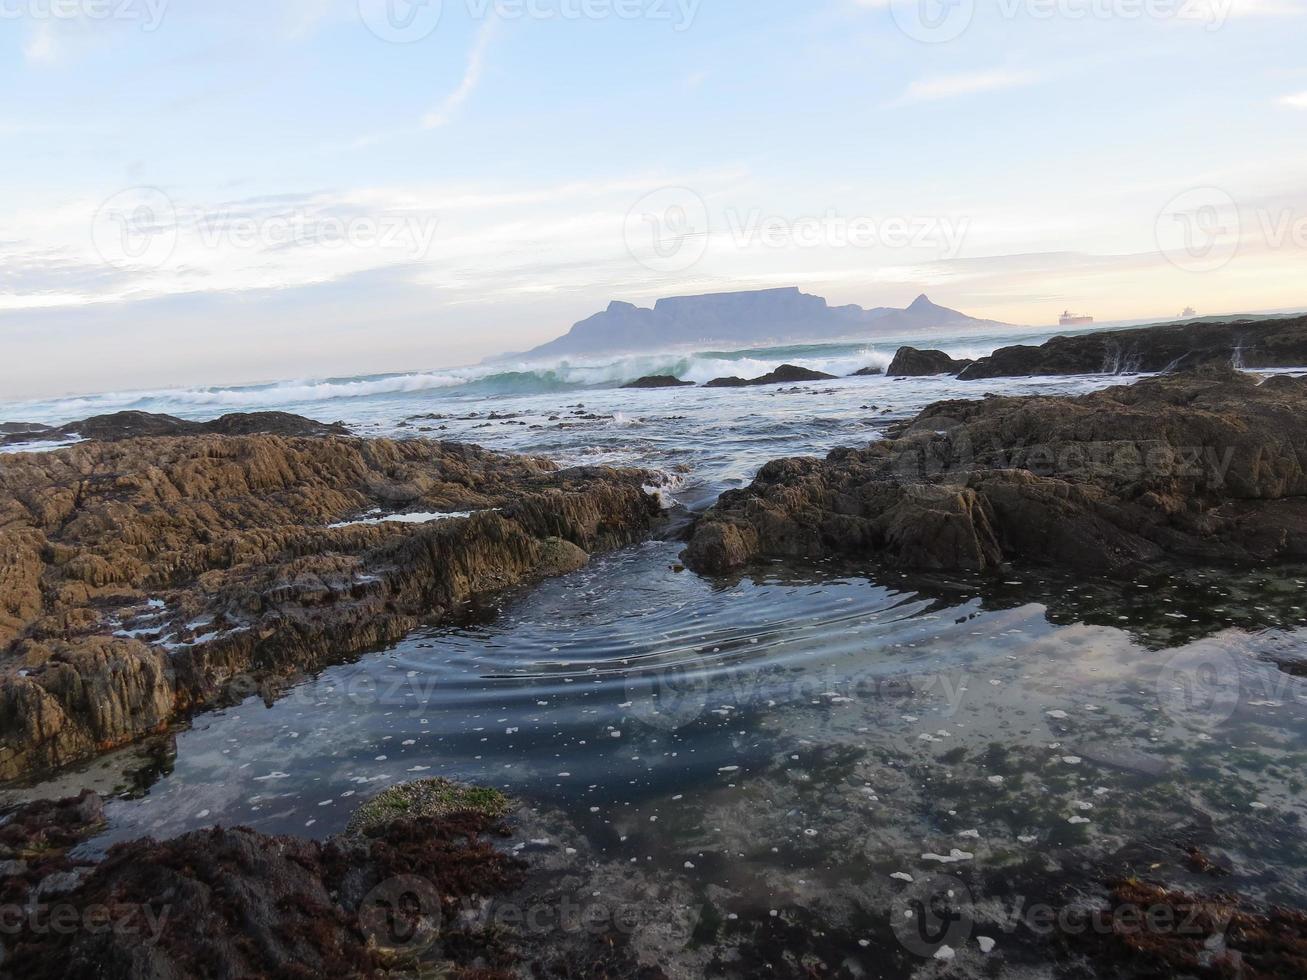 acqua che si increspa attraverso le rocce in riva al mare foto